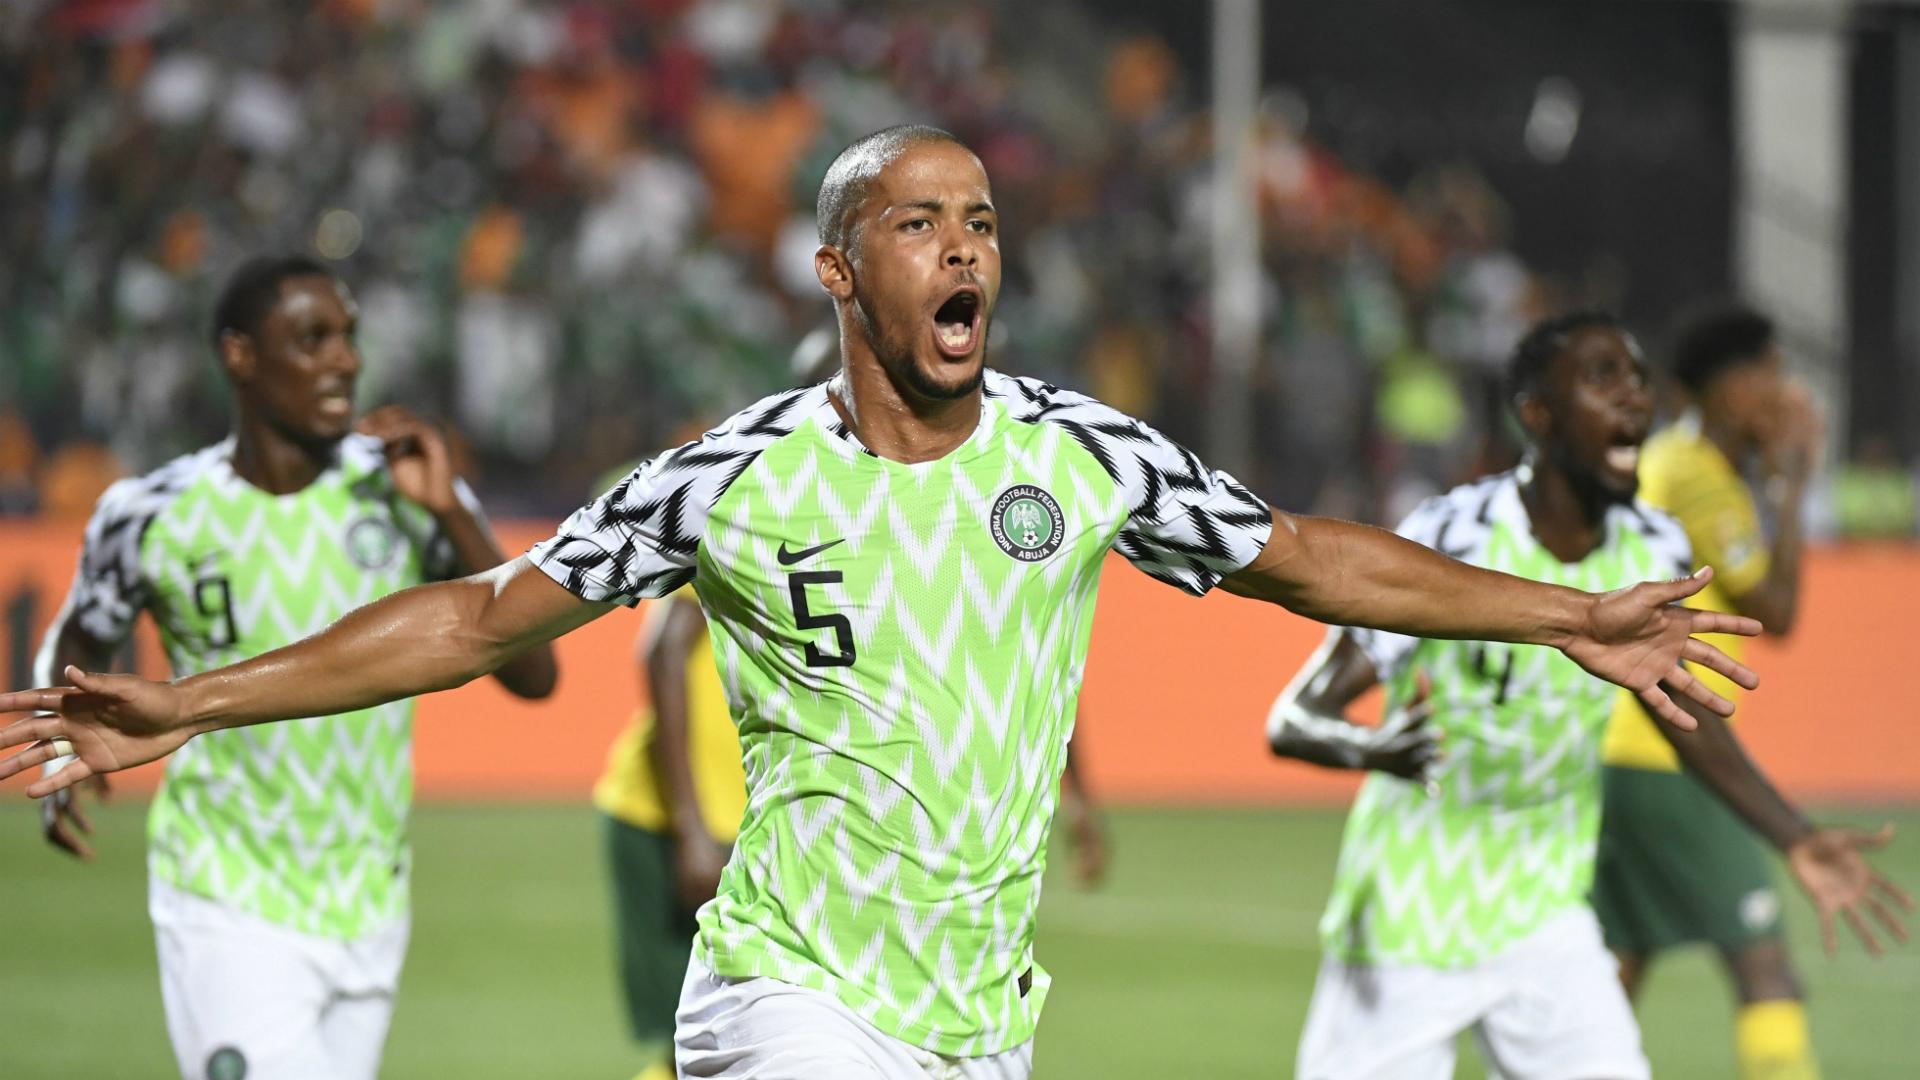 AFCON Qualifiers: Super Eagles secure comeback win over Benin Republic